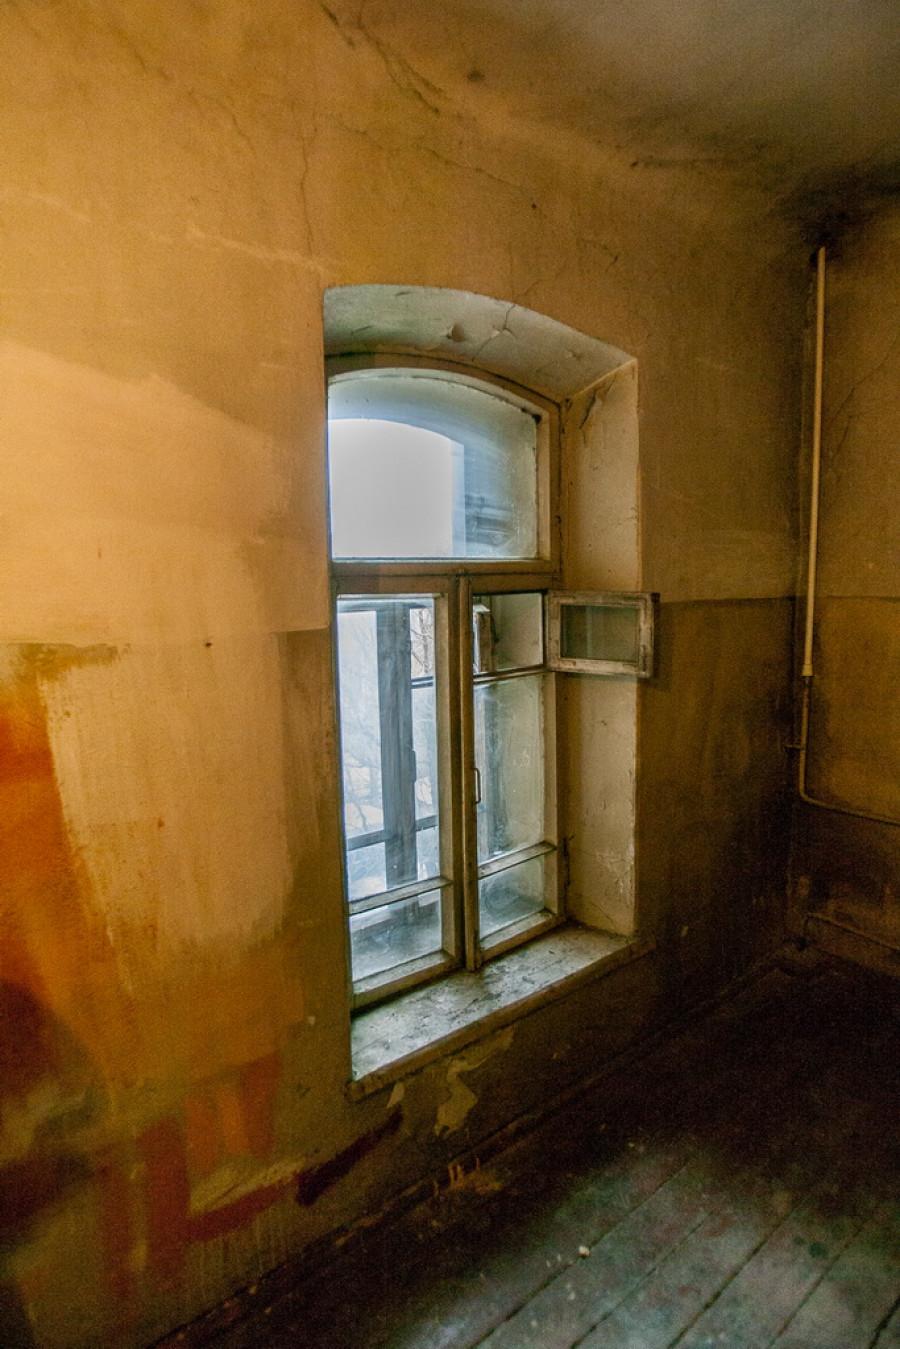 Маленькое помещение на чердаке давно не ремонтировали. Жильцы полагают, что раньше здесь сушили белье.